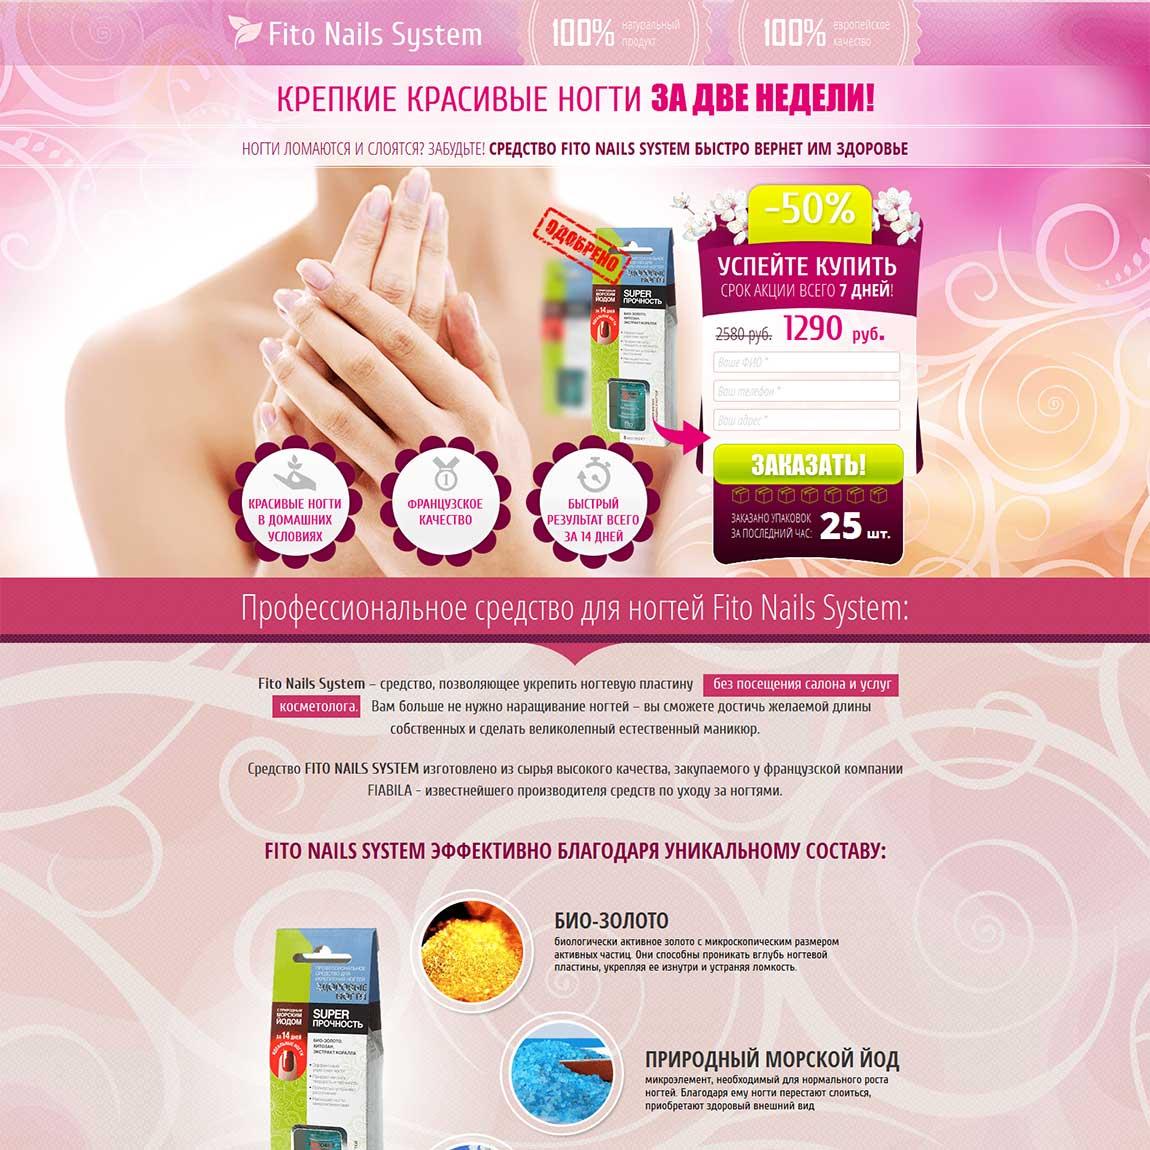 Миниатюра лендинга Fito Nails System - профессиональное средство для ногтей 001